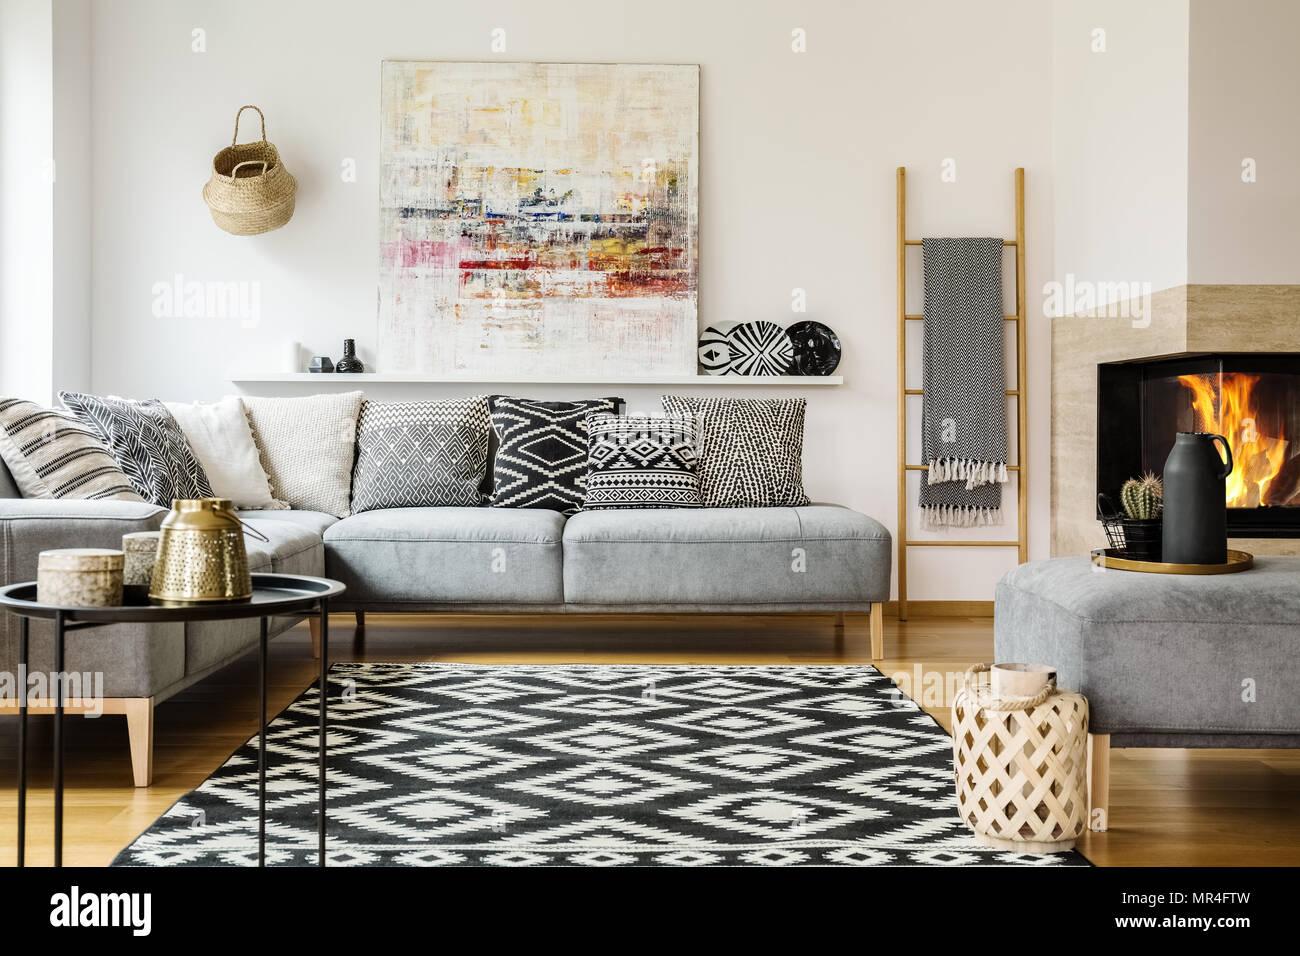 Gemusterten Teppich in der dekorativen Wohnzimmer Interieur mit ...